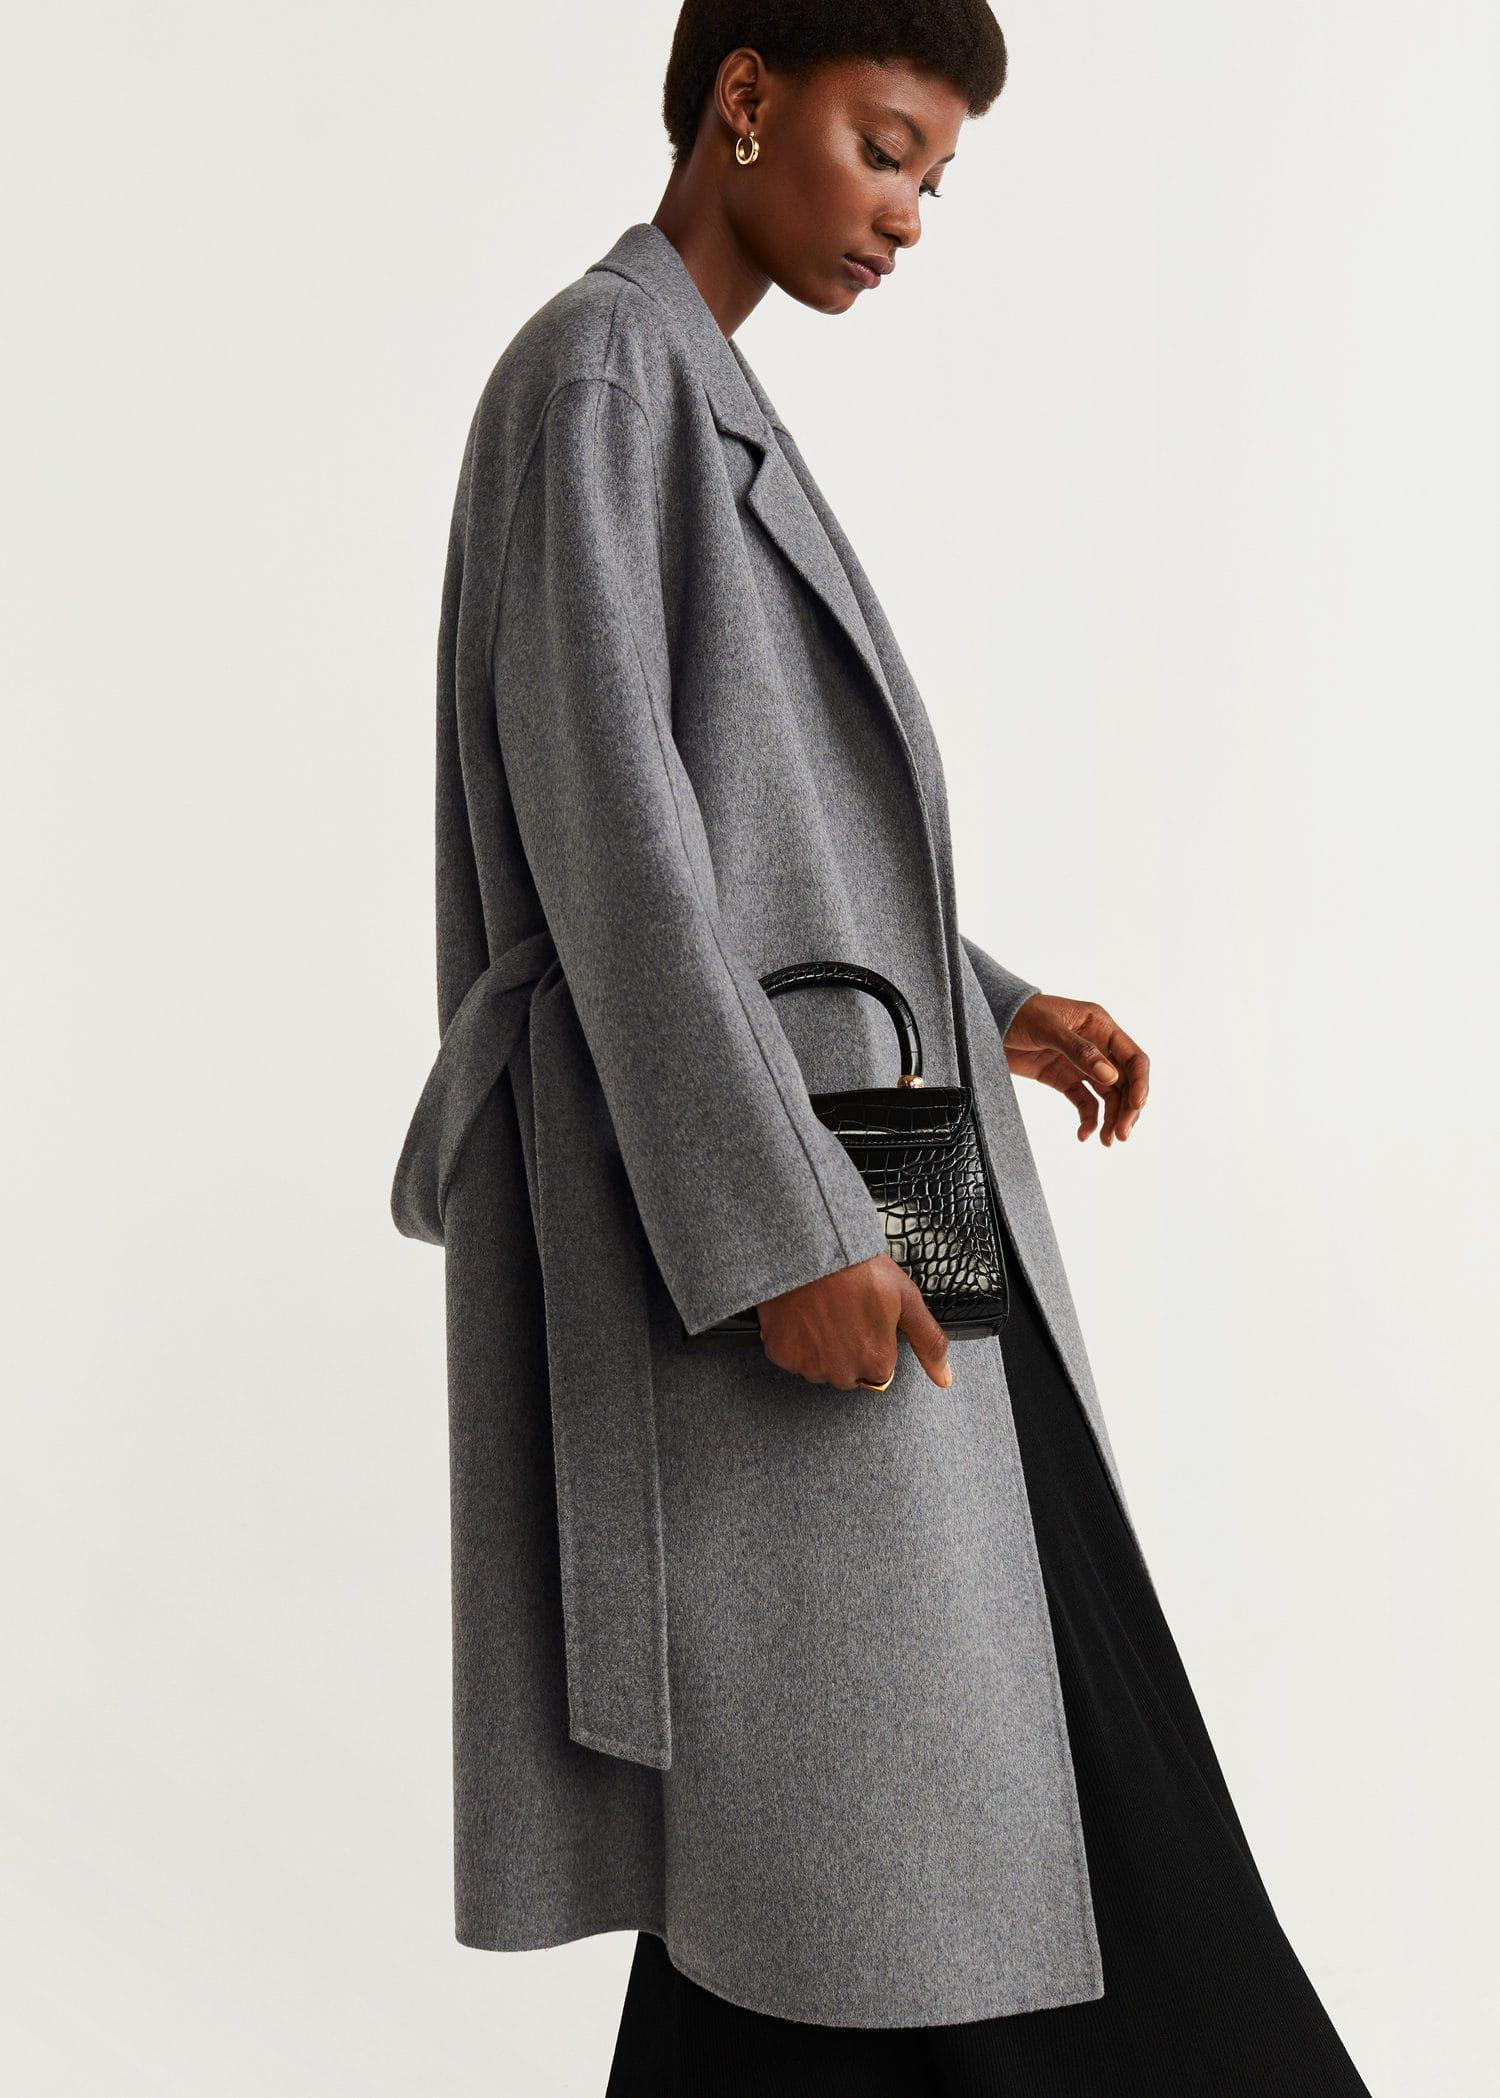 grand choix de b3e72 2cba9 Manteau en laine avec ceinture